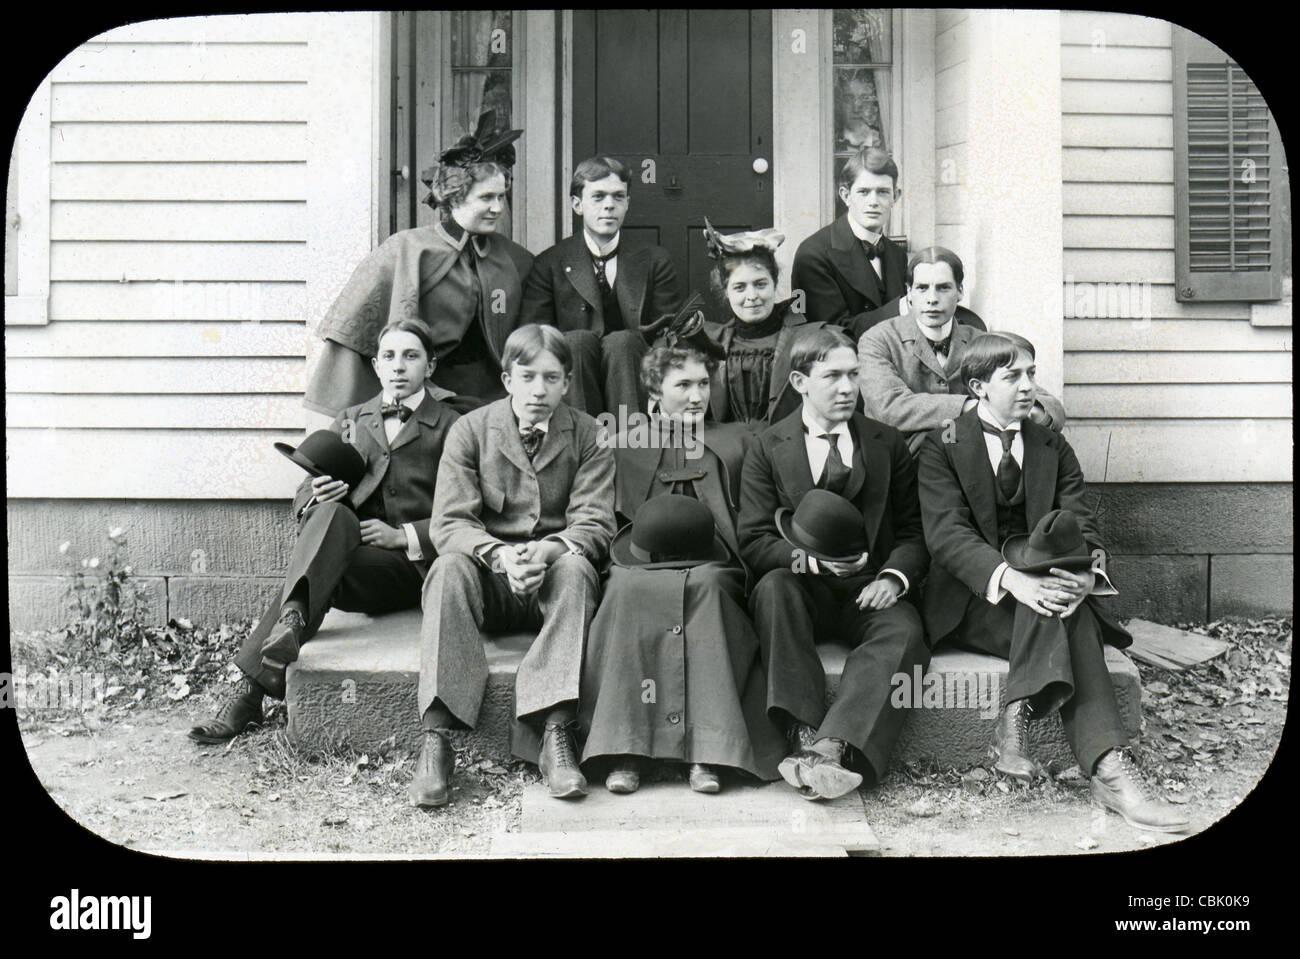 Circa 1900 foto antigua de un grupo de jóvenes, hombres y mujeres. Foto de stock